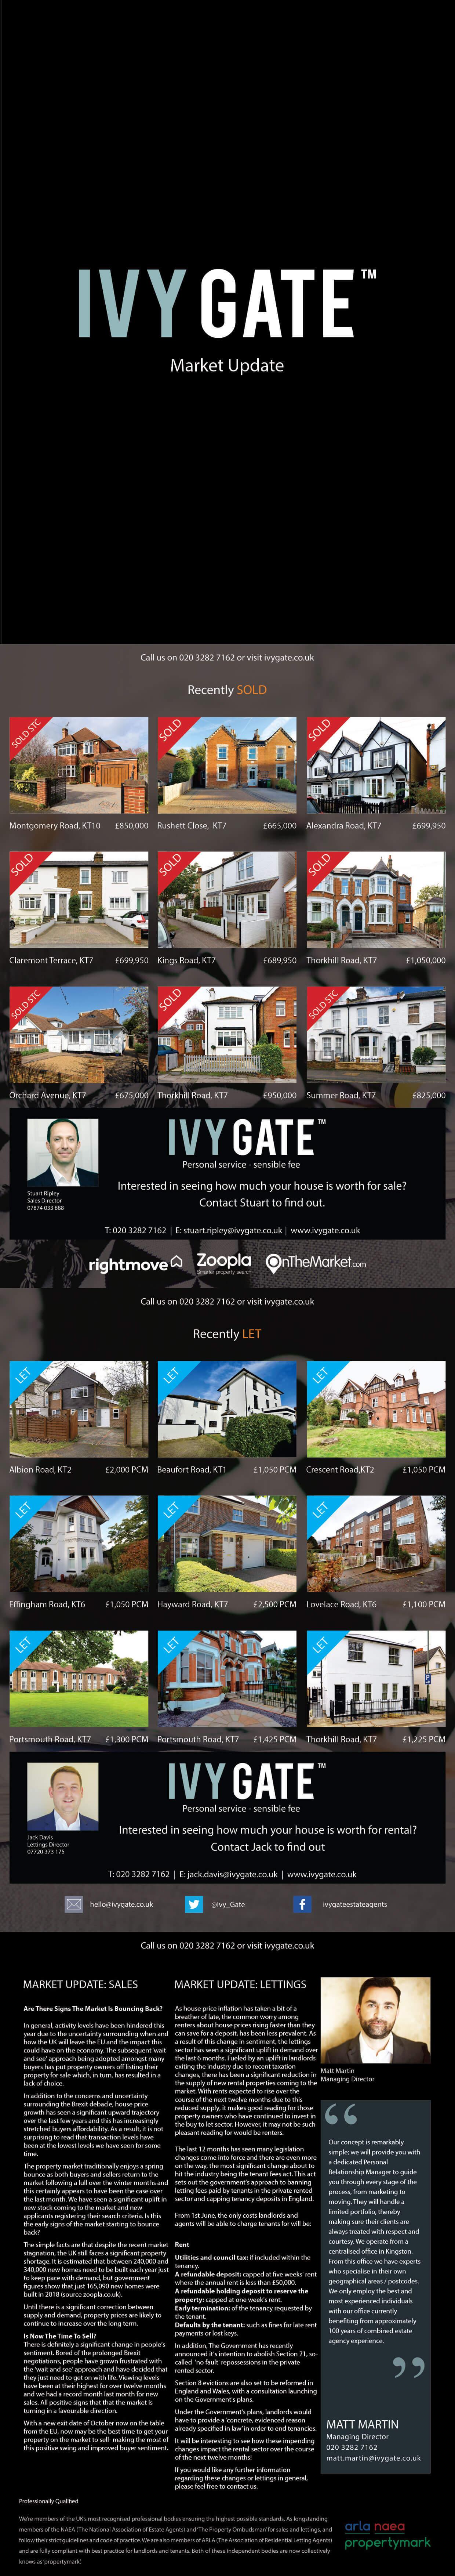 Ivy Gate Market Report Summer 2019 - KT1/KT2/KT6/KT7/KT10